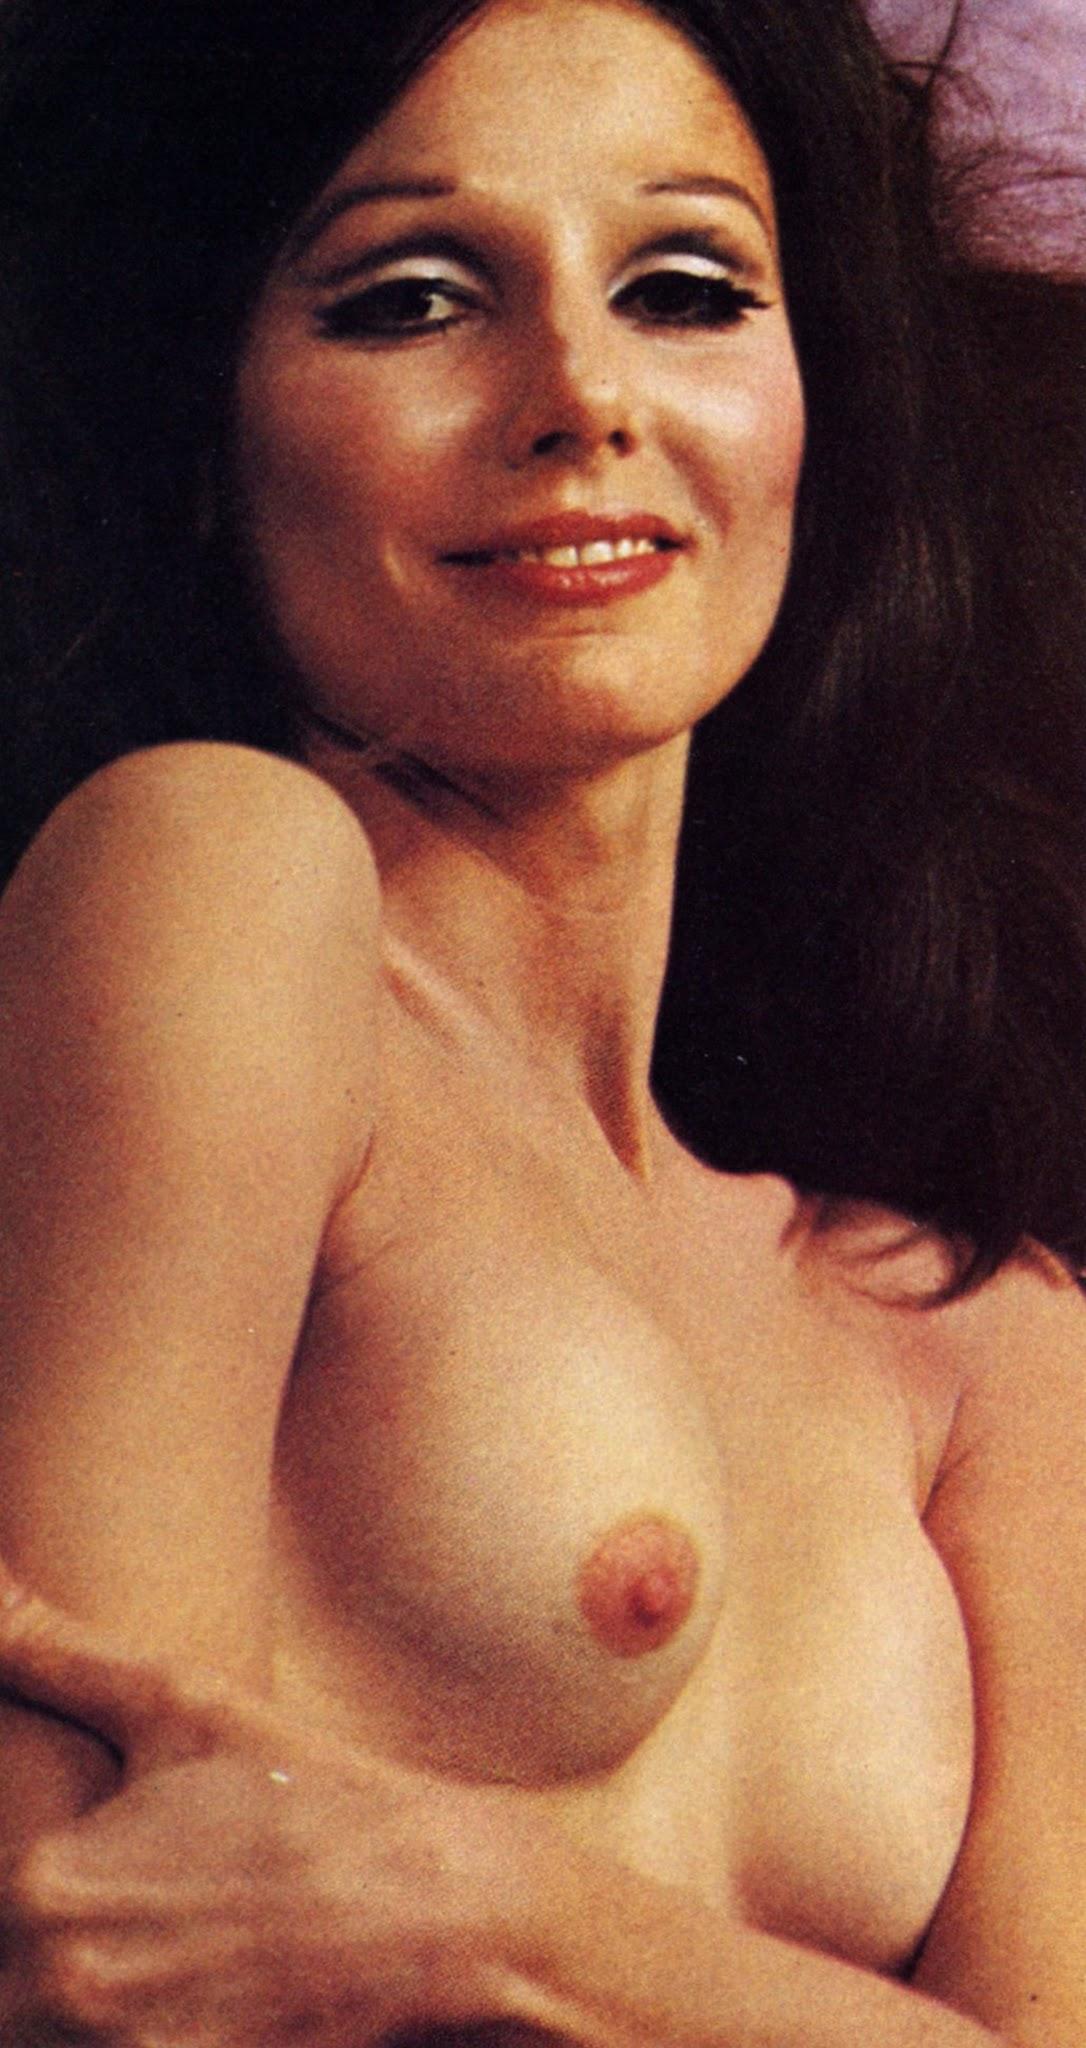 Paula Trickey Bio Images | Crazy Gallery: www.crazygallery.info/Paula-Trickey-Bio.html